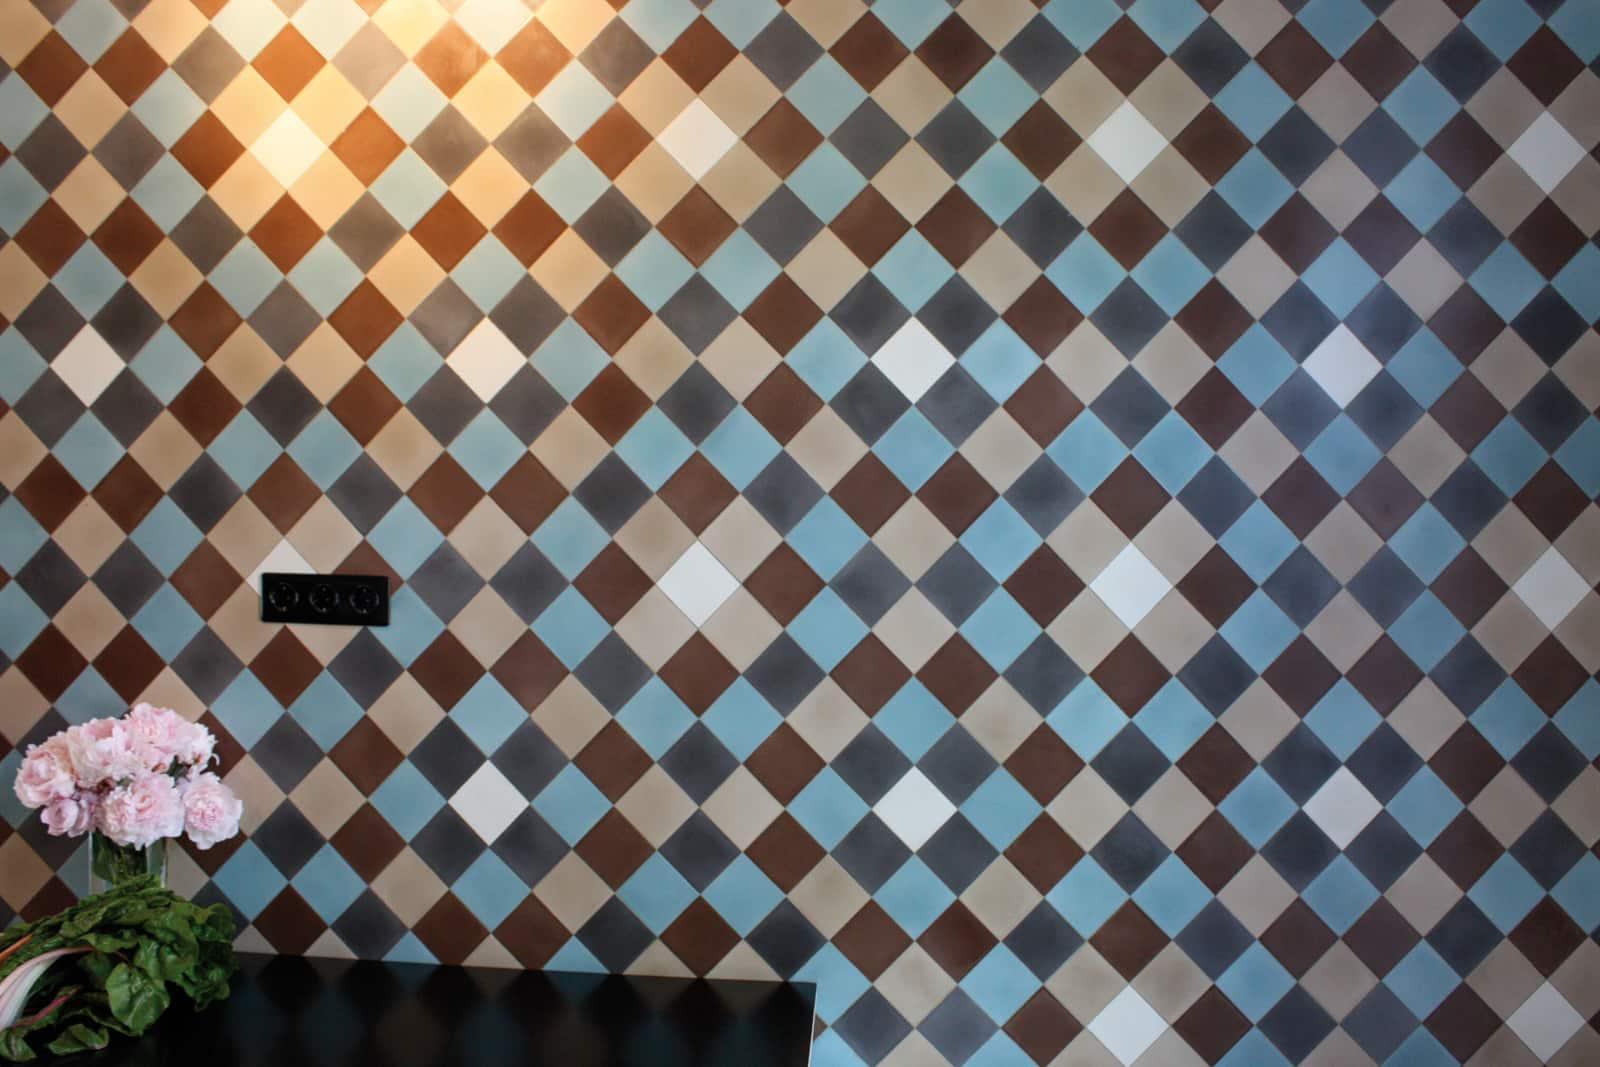 zementfliesen-terrazzofliesen-kreidefarbe-terrazzo-fugenlos-viaplatten-010-kuechenfliesen-muster | 001